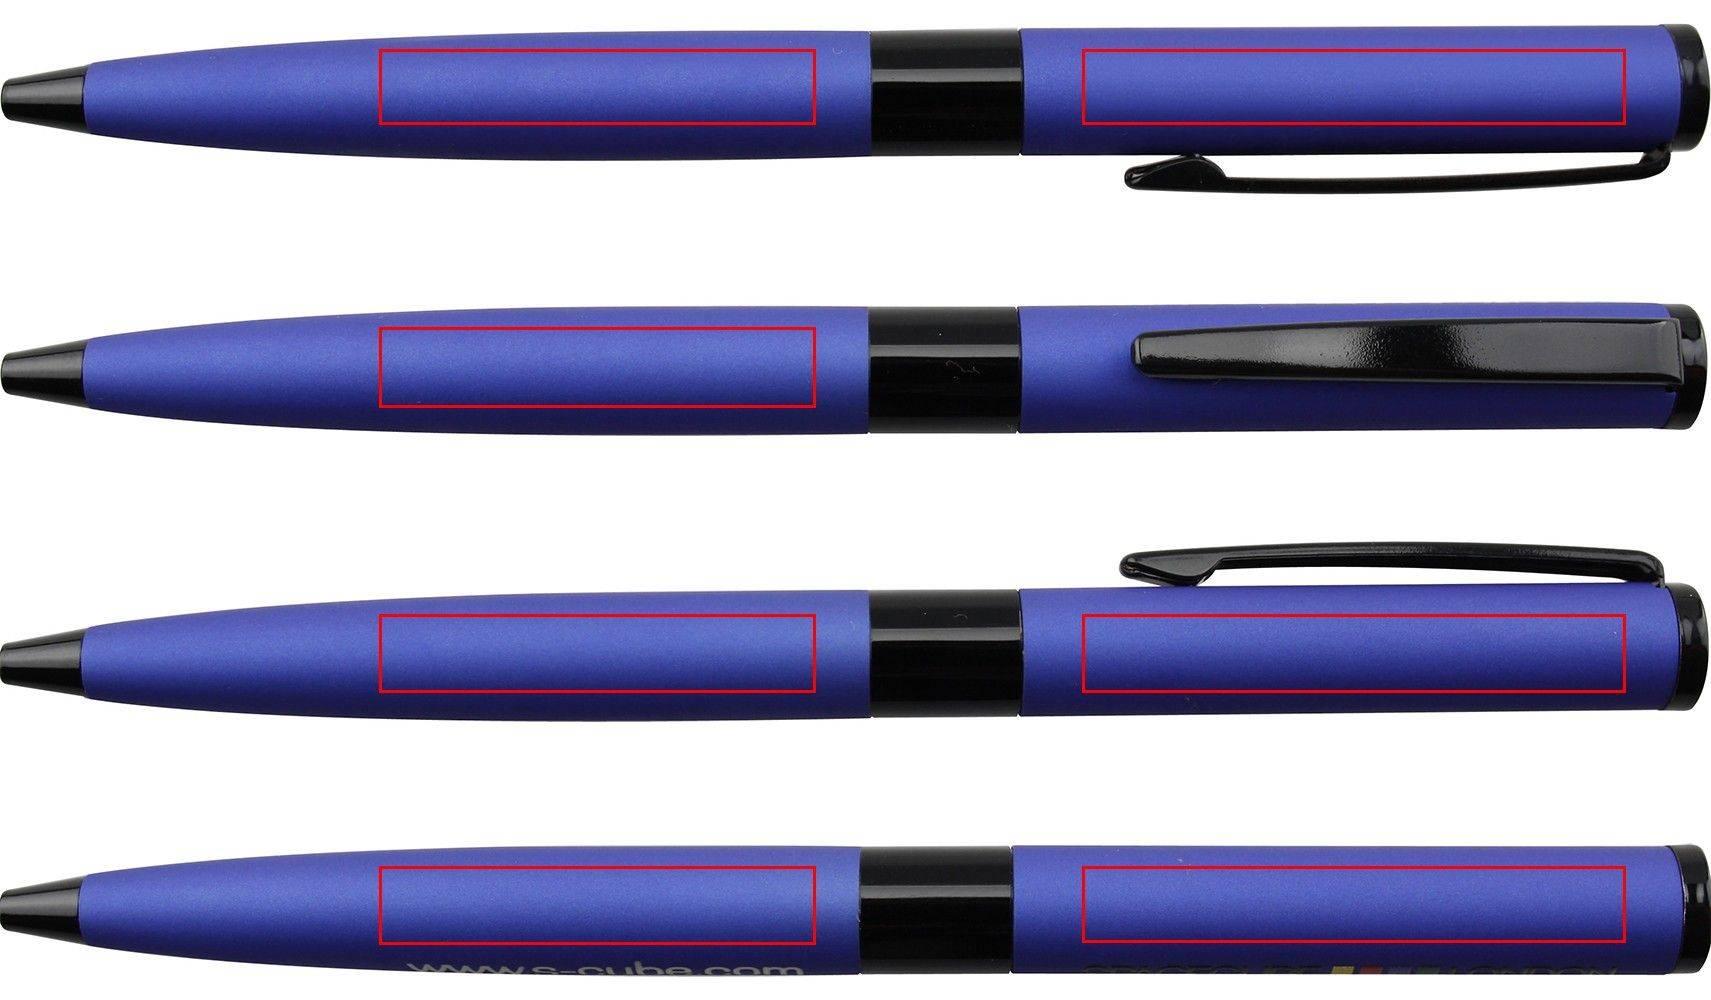 kugelschreiber-paris_-druckflaeche